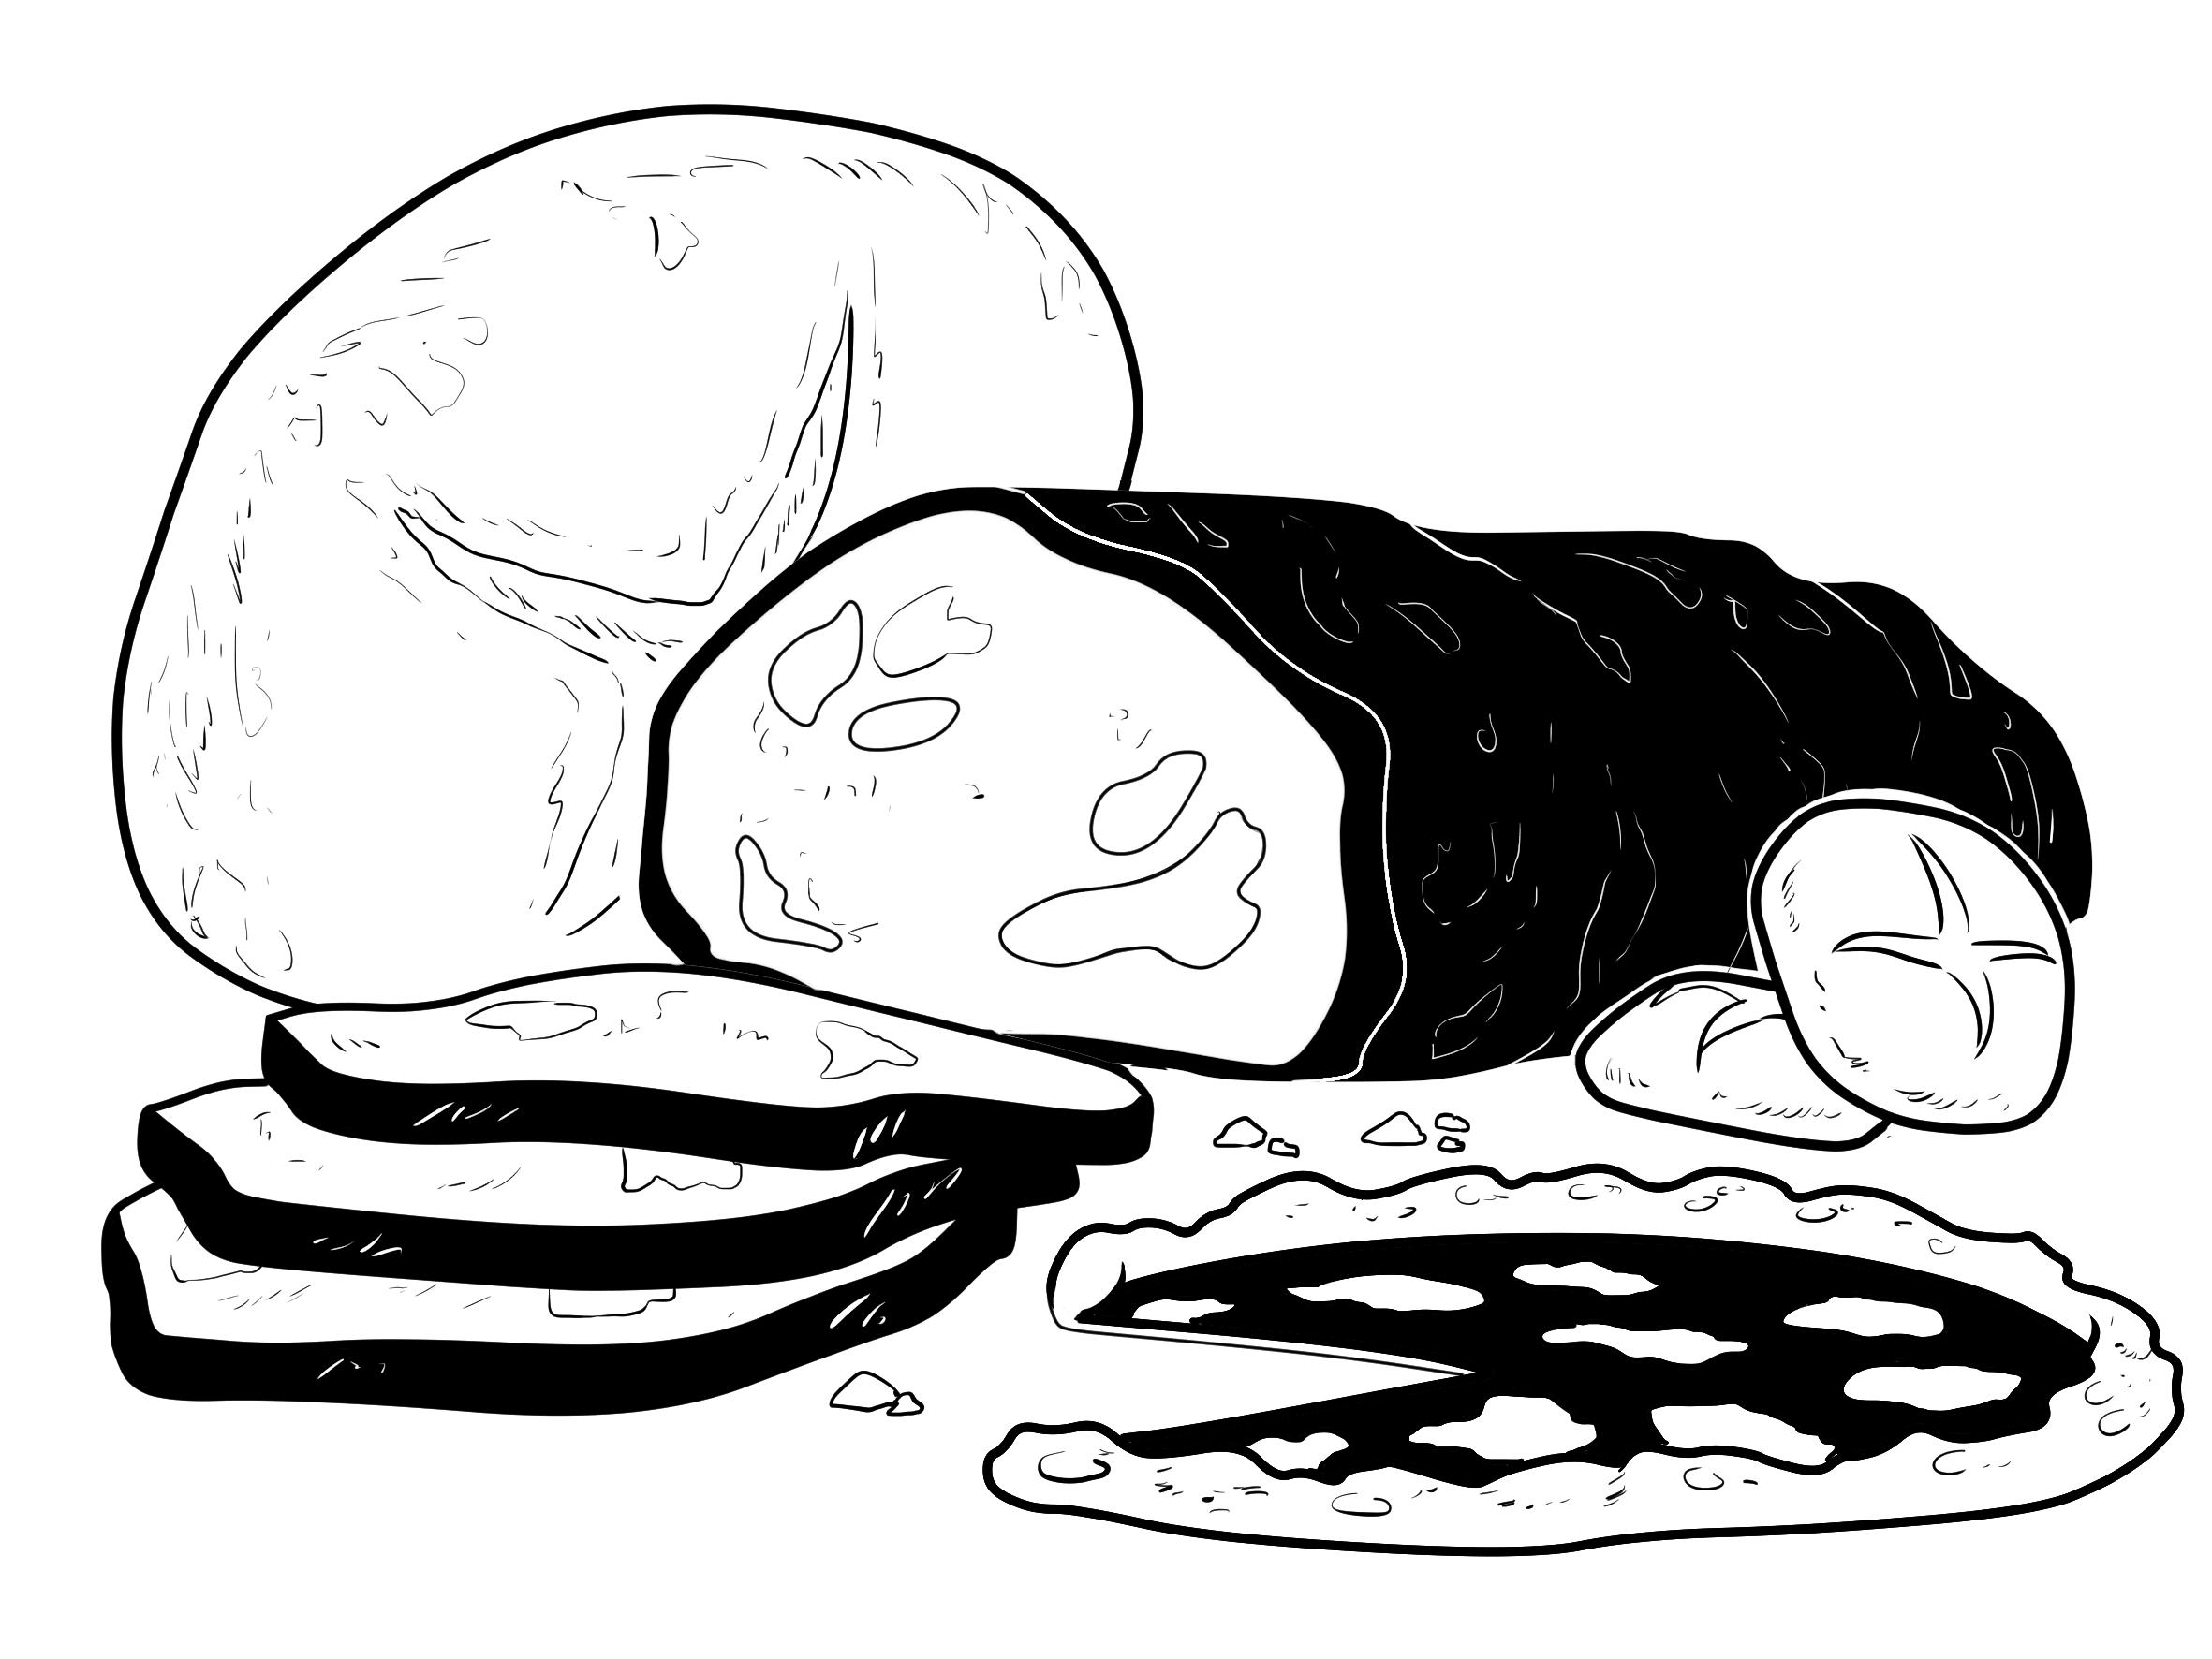 Profumo di pane... profumo di buono